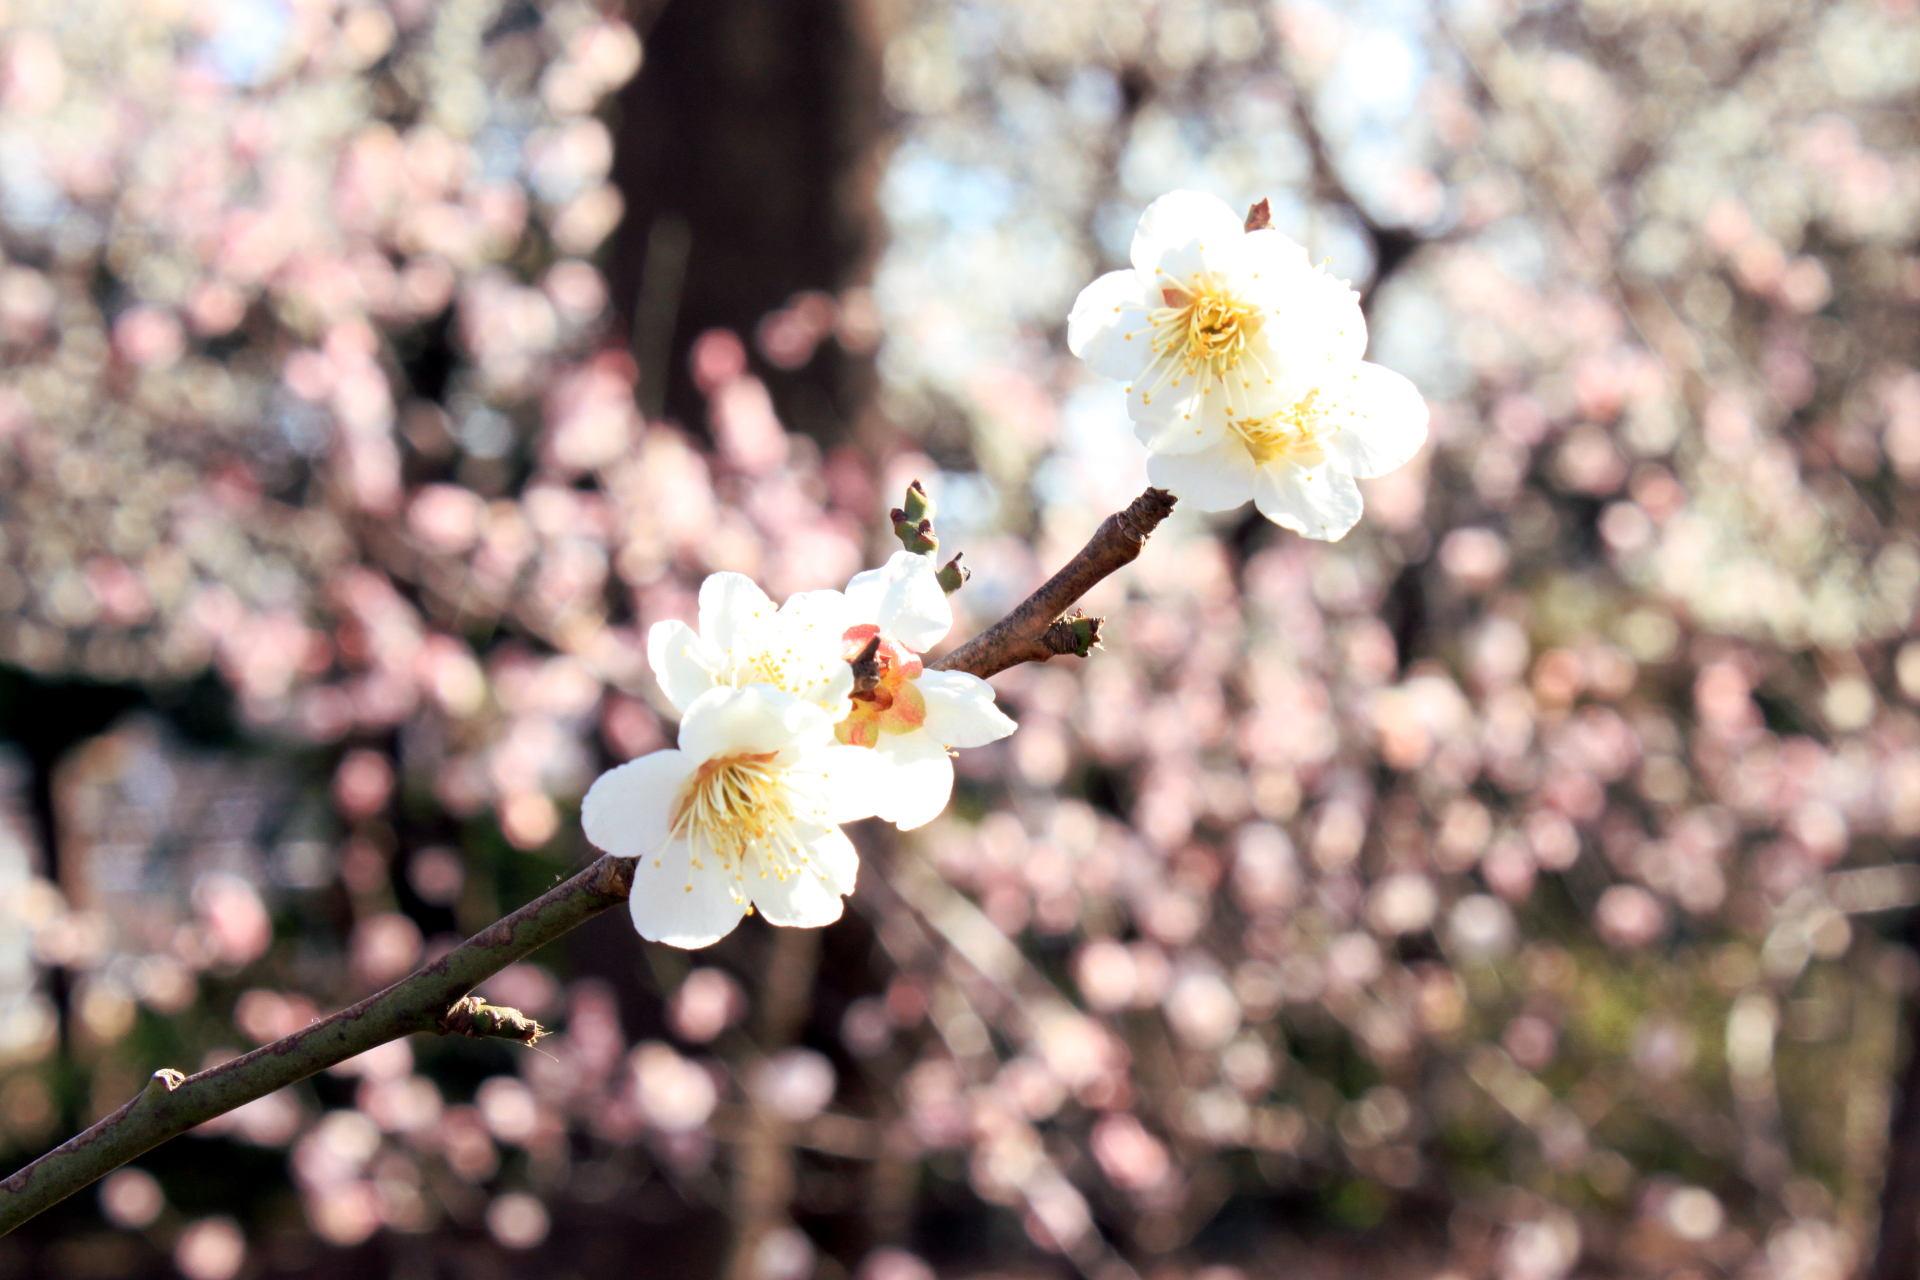 tokio japonia plumblossom kwitnacasliwka tokyo japan park kwitnacawisnia kwiaty cherryblossom hanami sakura springinjapan wiosnawjaponii iglawpodrozy